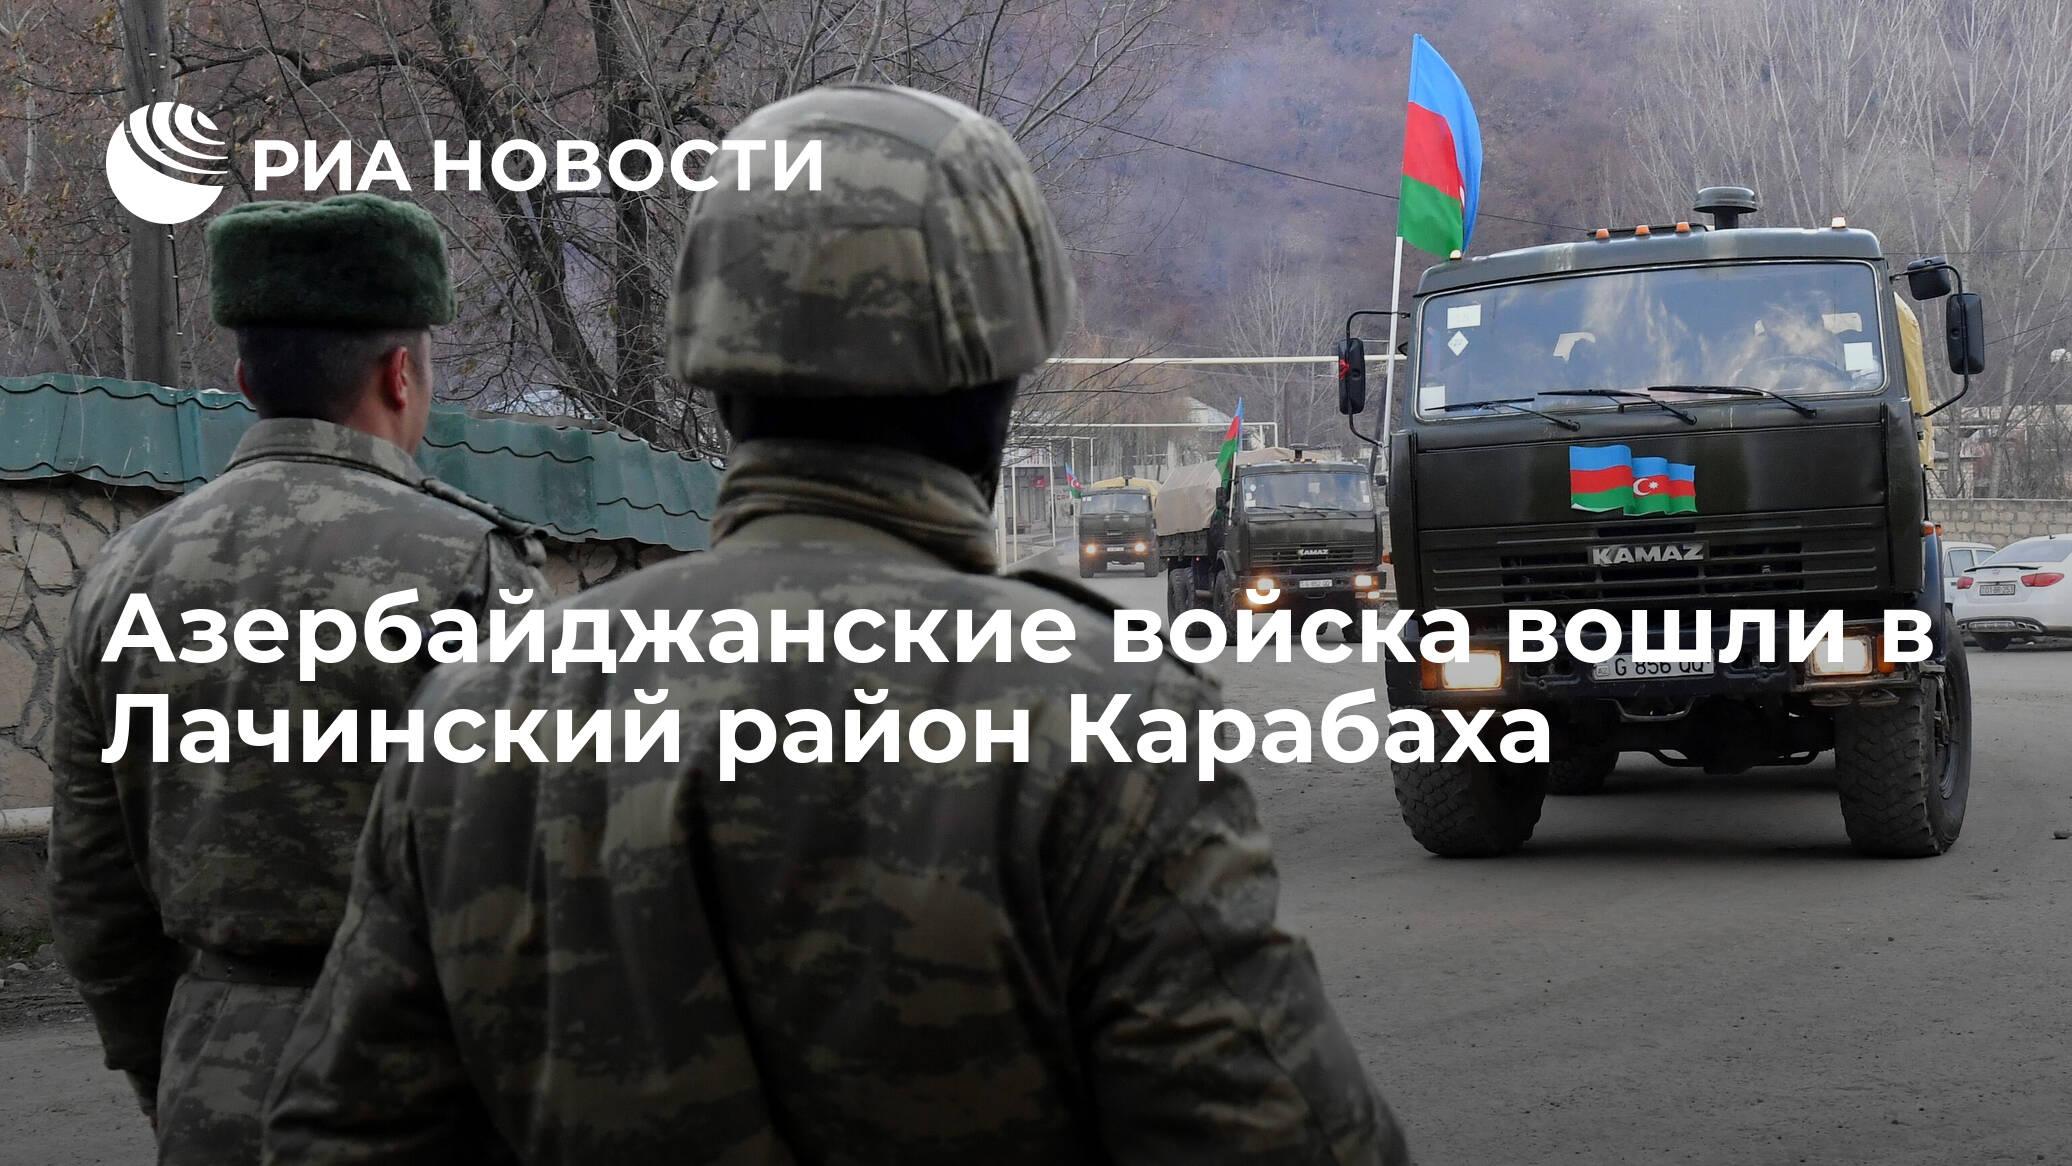 Азербайджанские войска вошли в Лачинский район Карабаха